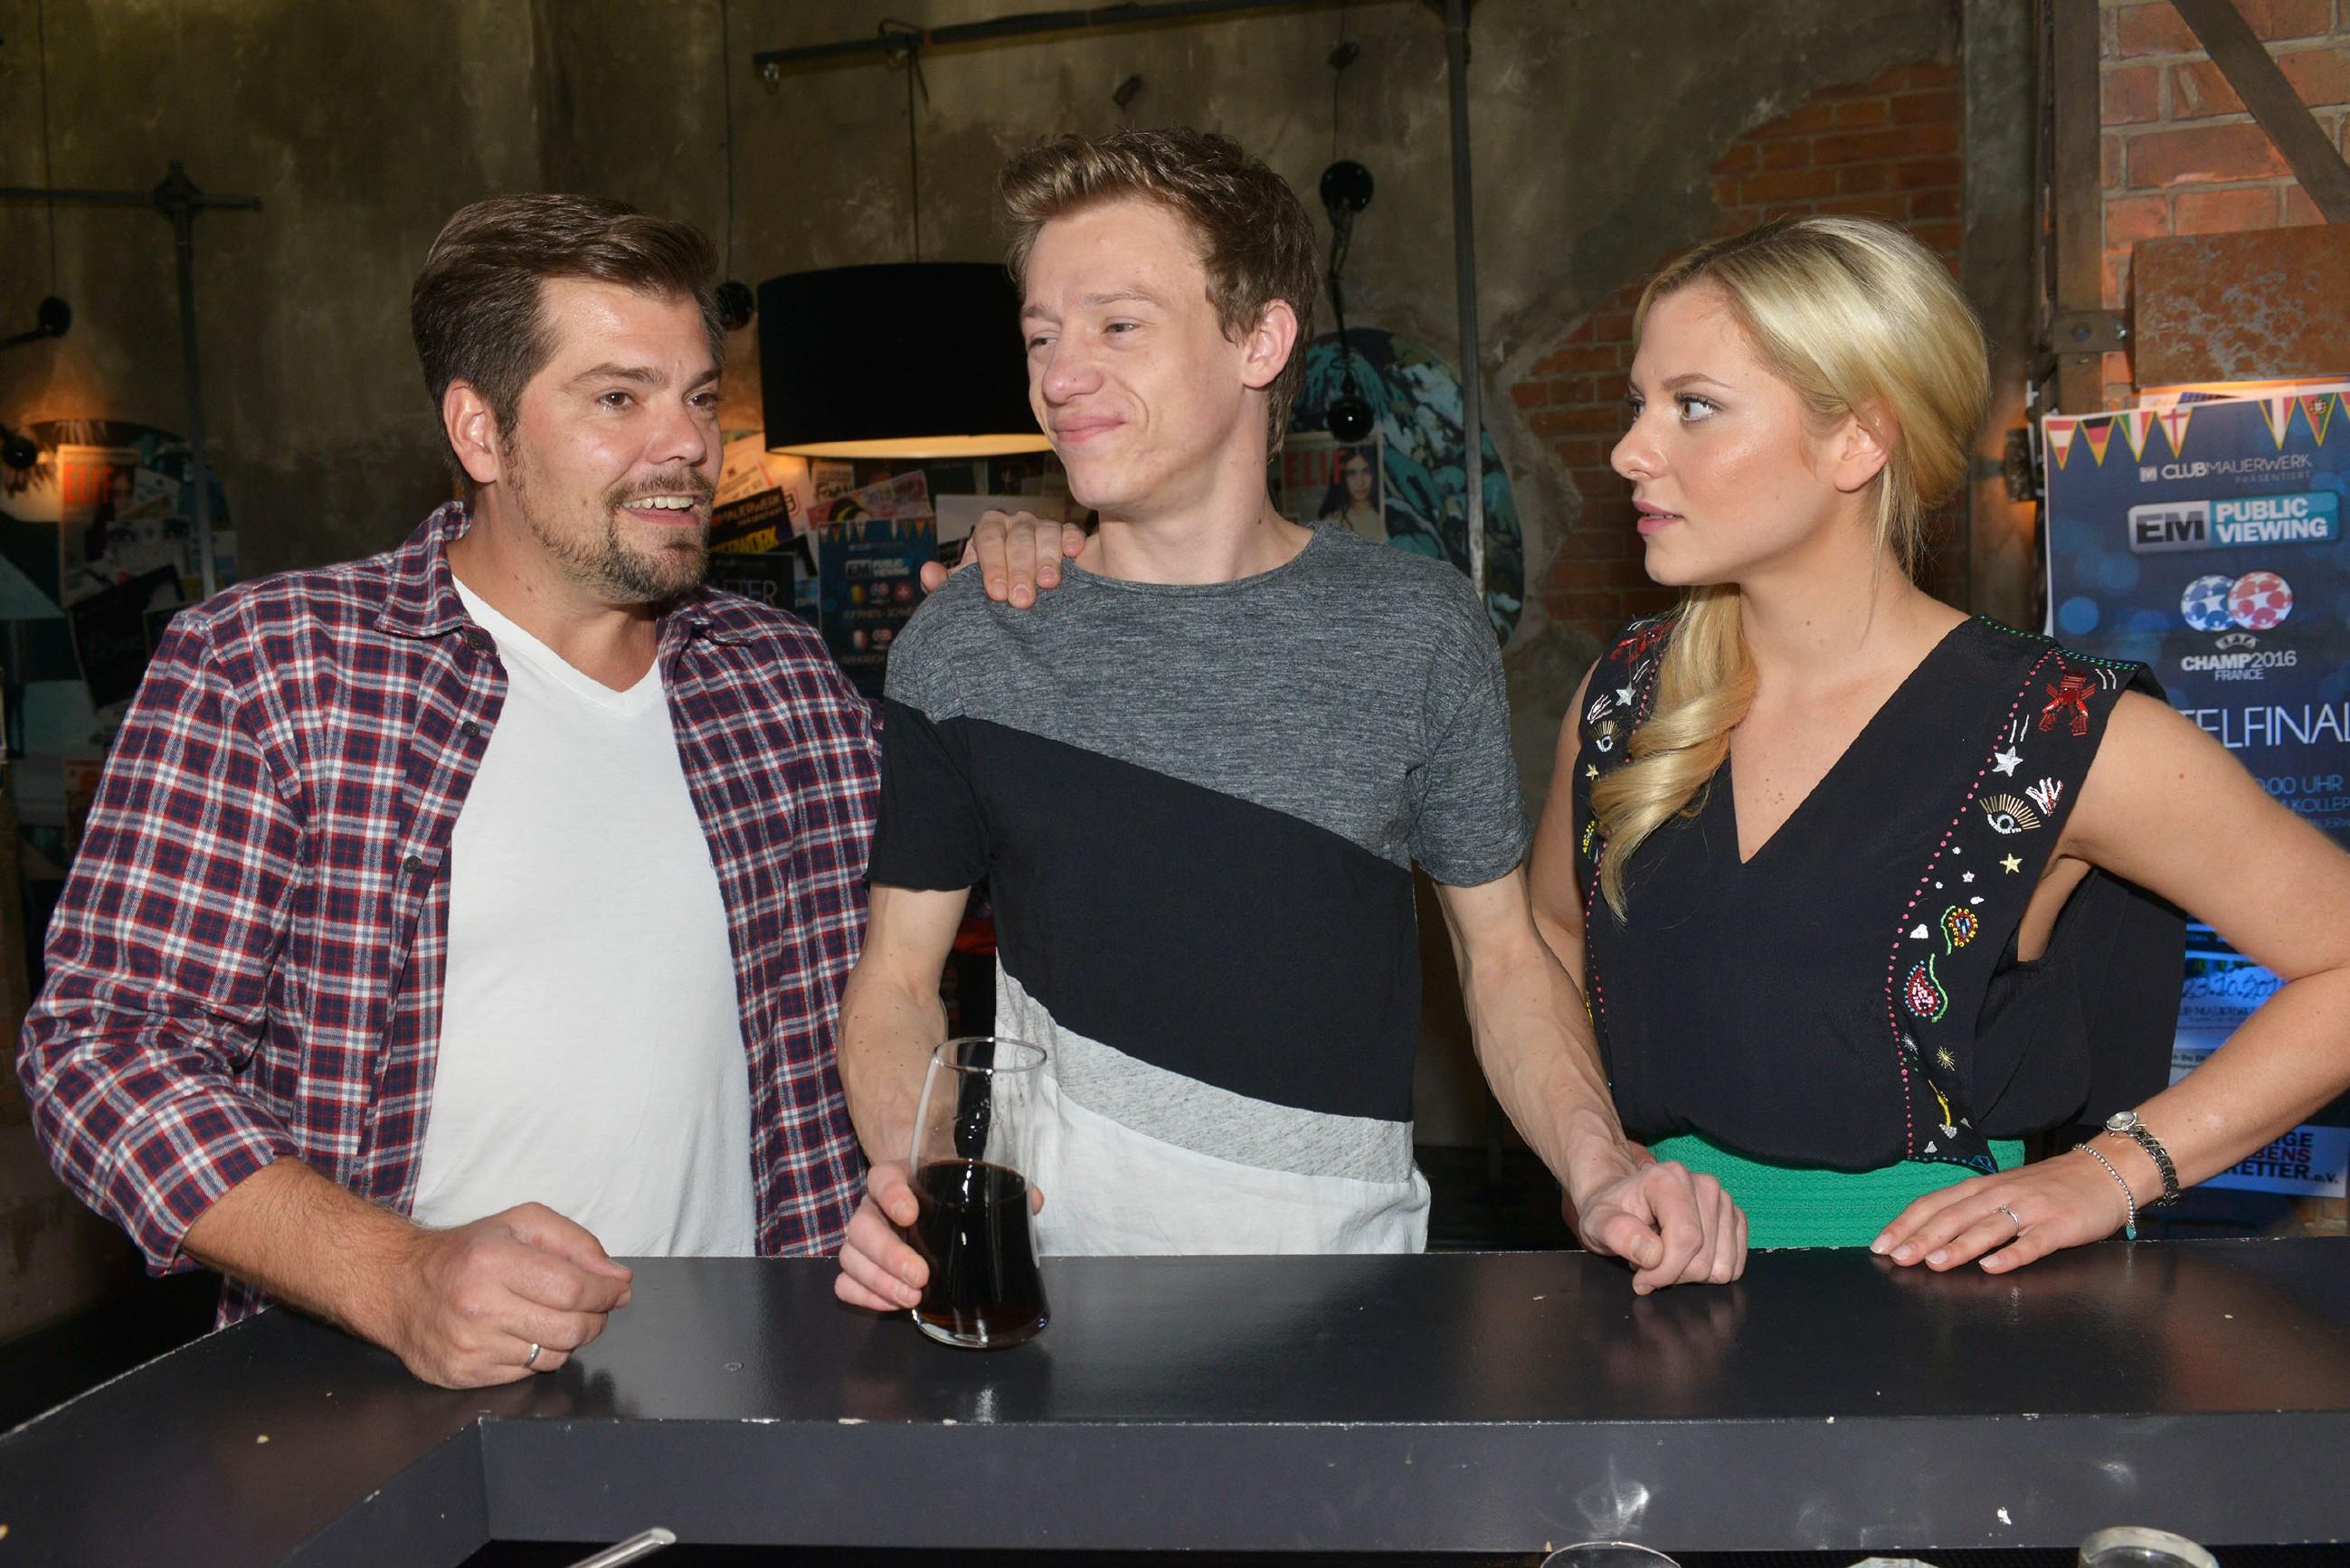 Leon (Daniel Fehlow, l.) ist froh, dass sich die Situation zwischen Vince (Vincent Krüger) und Sunny (Valentina Pahde) offensichtlich entspannt hat.